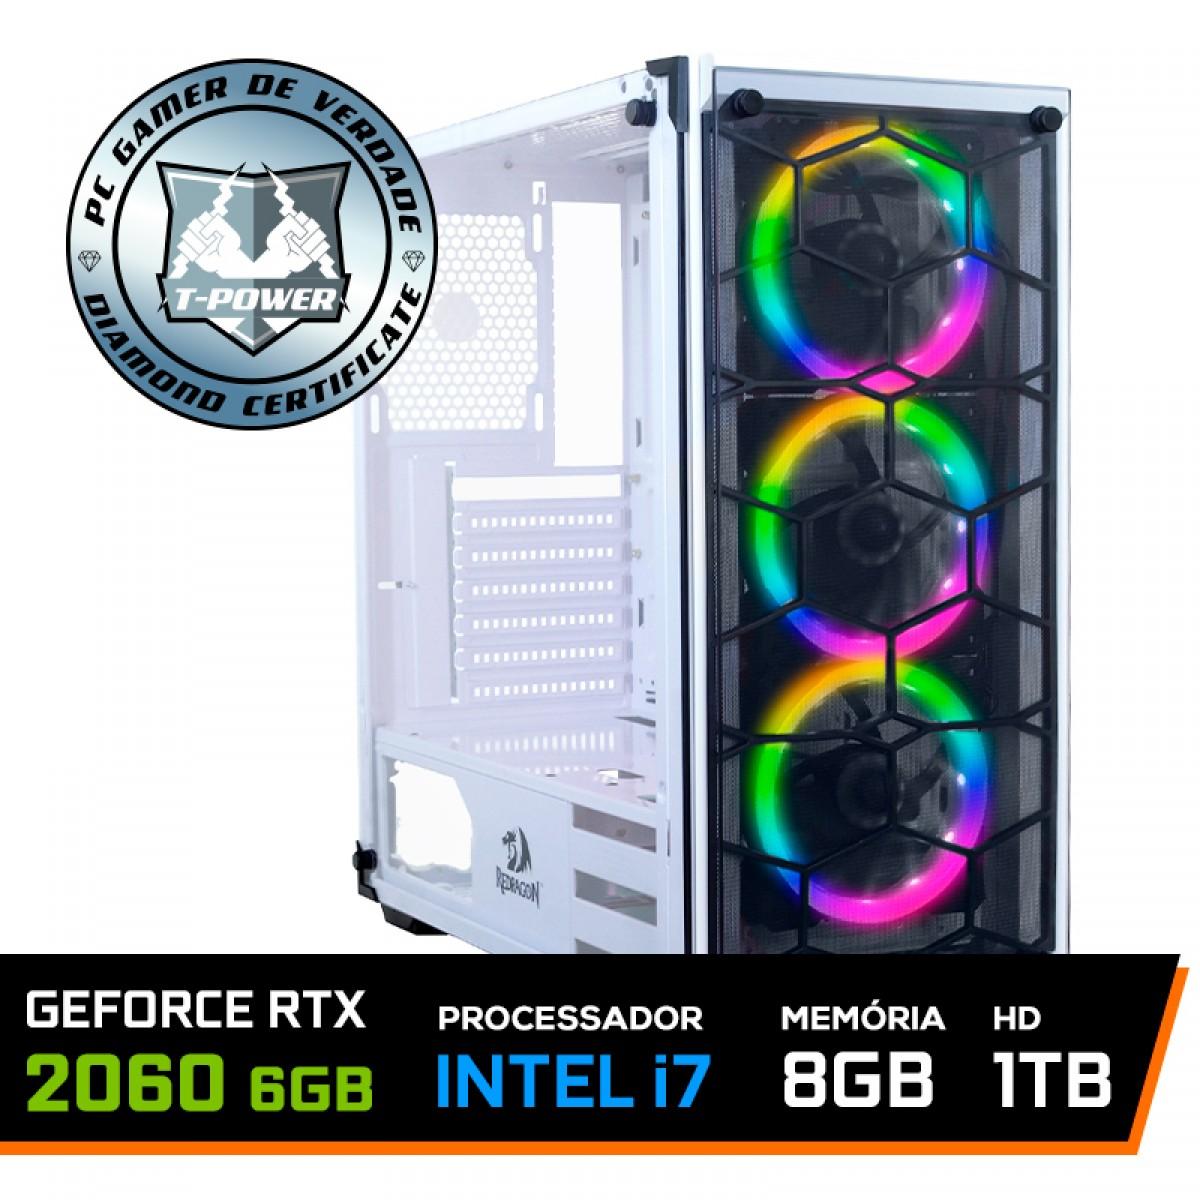 PC Gamer T-Power Special Intel I7 9700K 3.60GHz / GeForce RTX 2060 6GB / 8GB DDR4 / HD 1TB / 600W